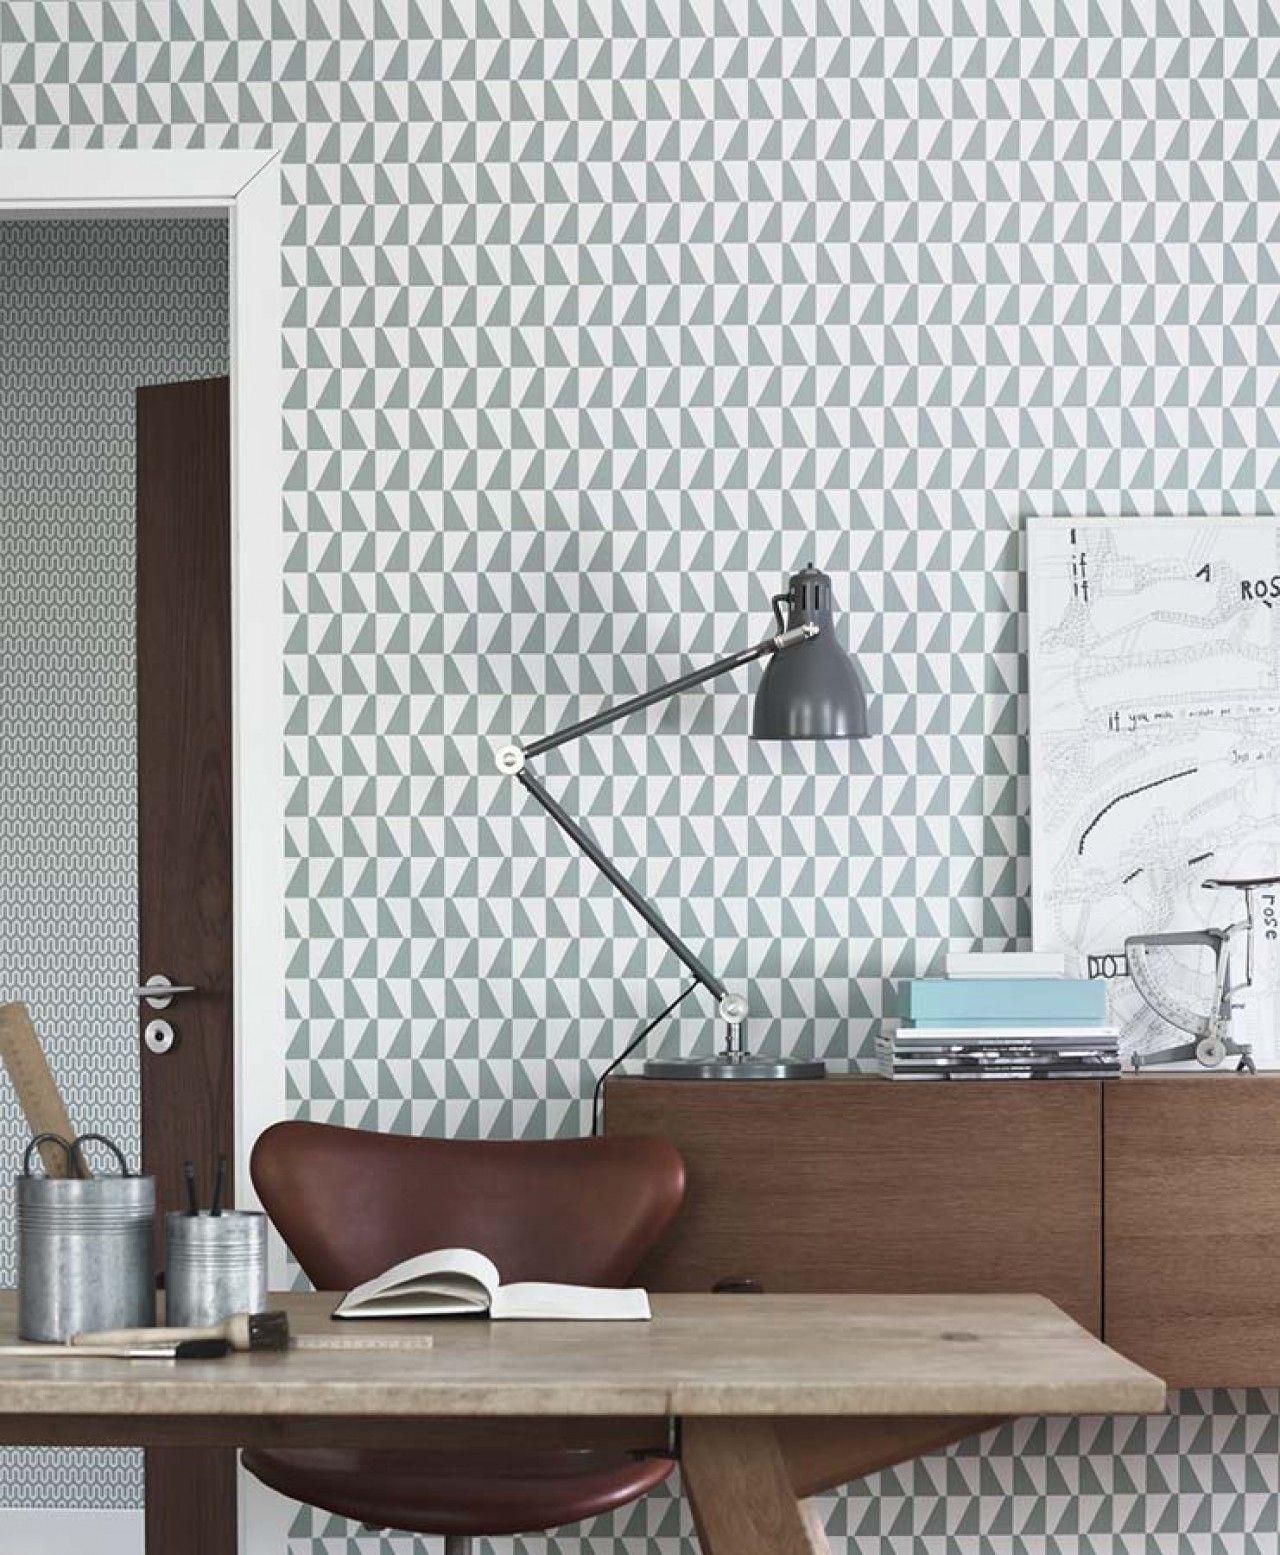 papier peint tendance scandinave balder de papier peint des ann es 70 papier peints. Black Bedroom Furniture Sets. Home Design Ideas